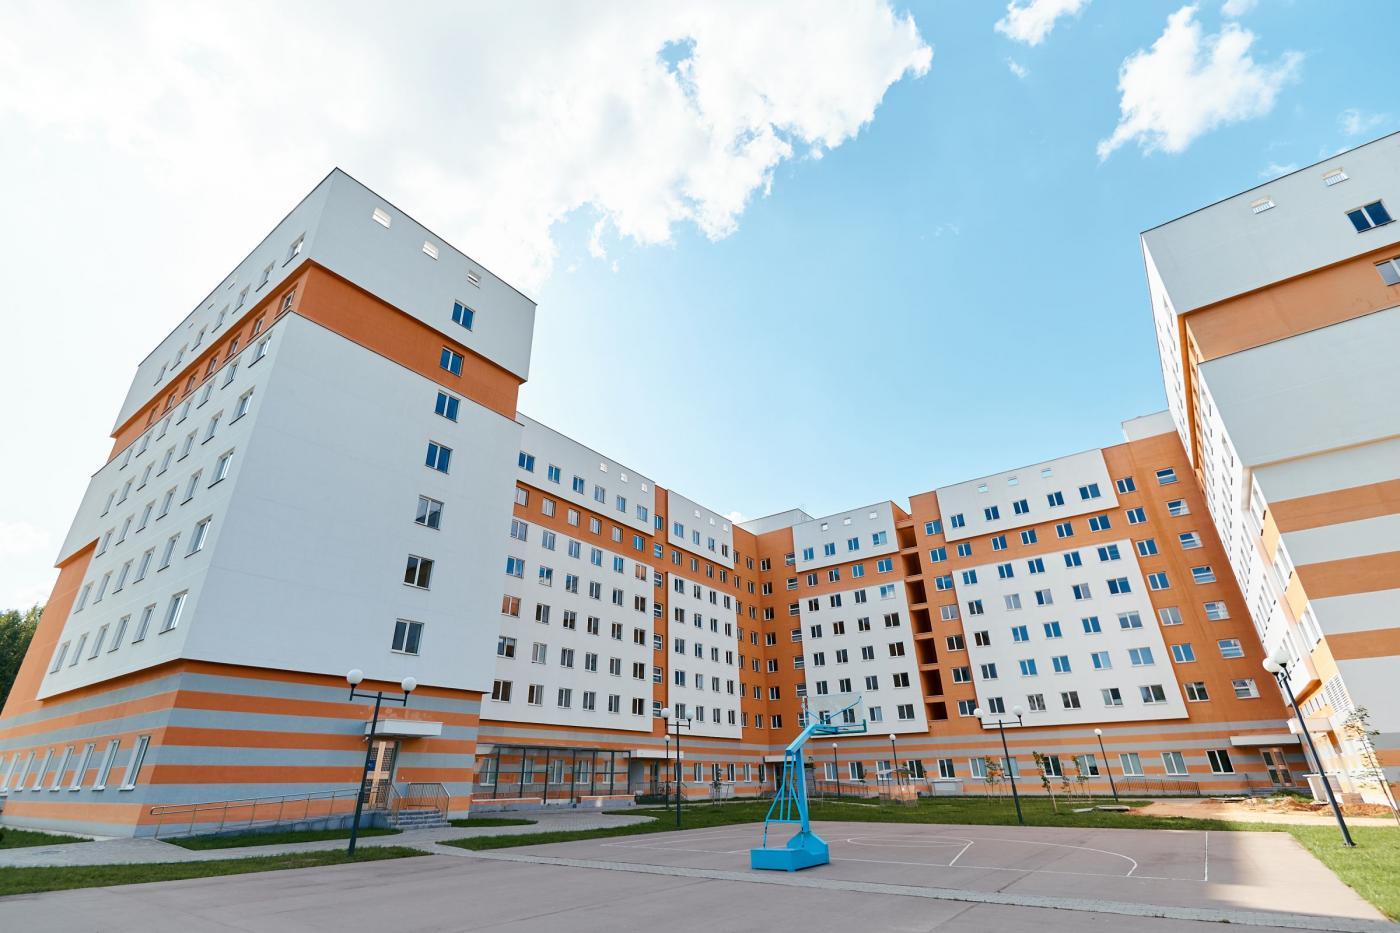 Общежития БНТУ. Рассказываем об их типах и процедуре заселения